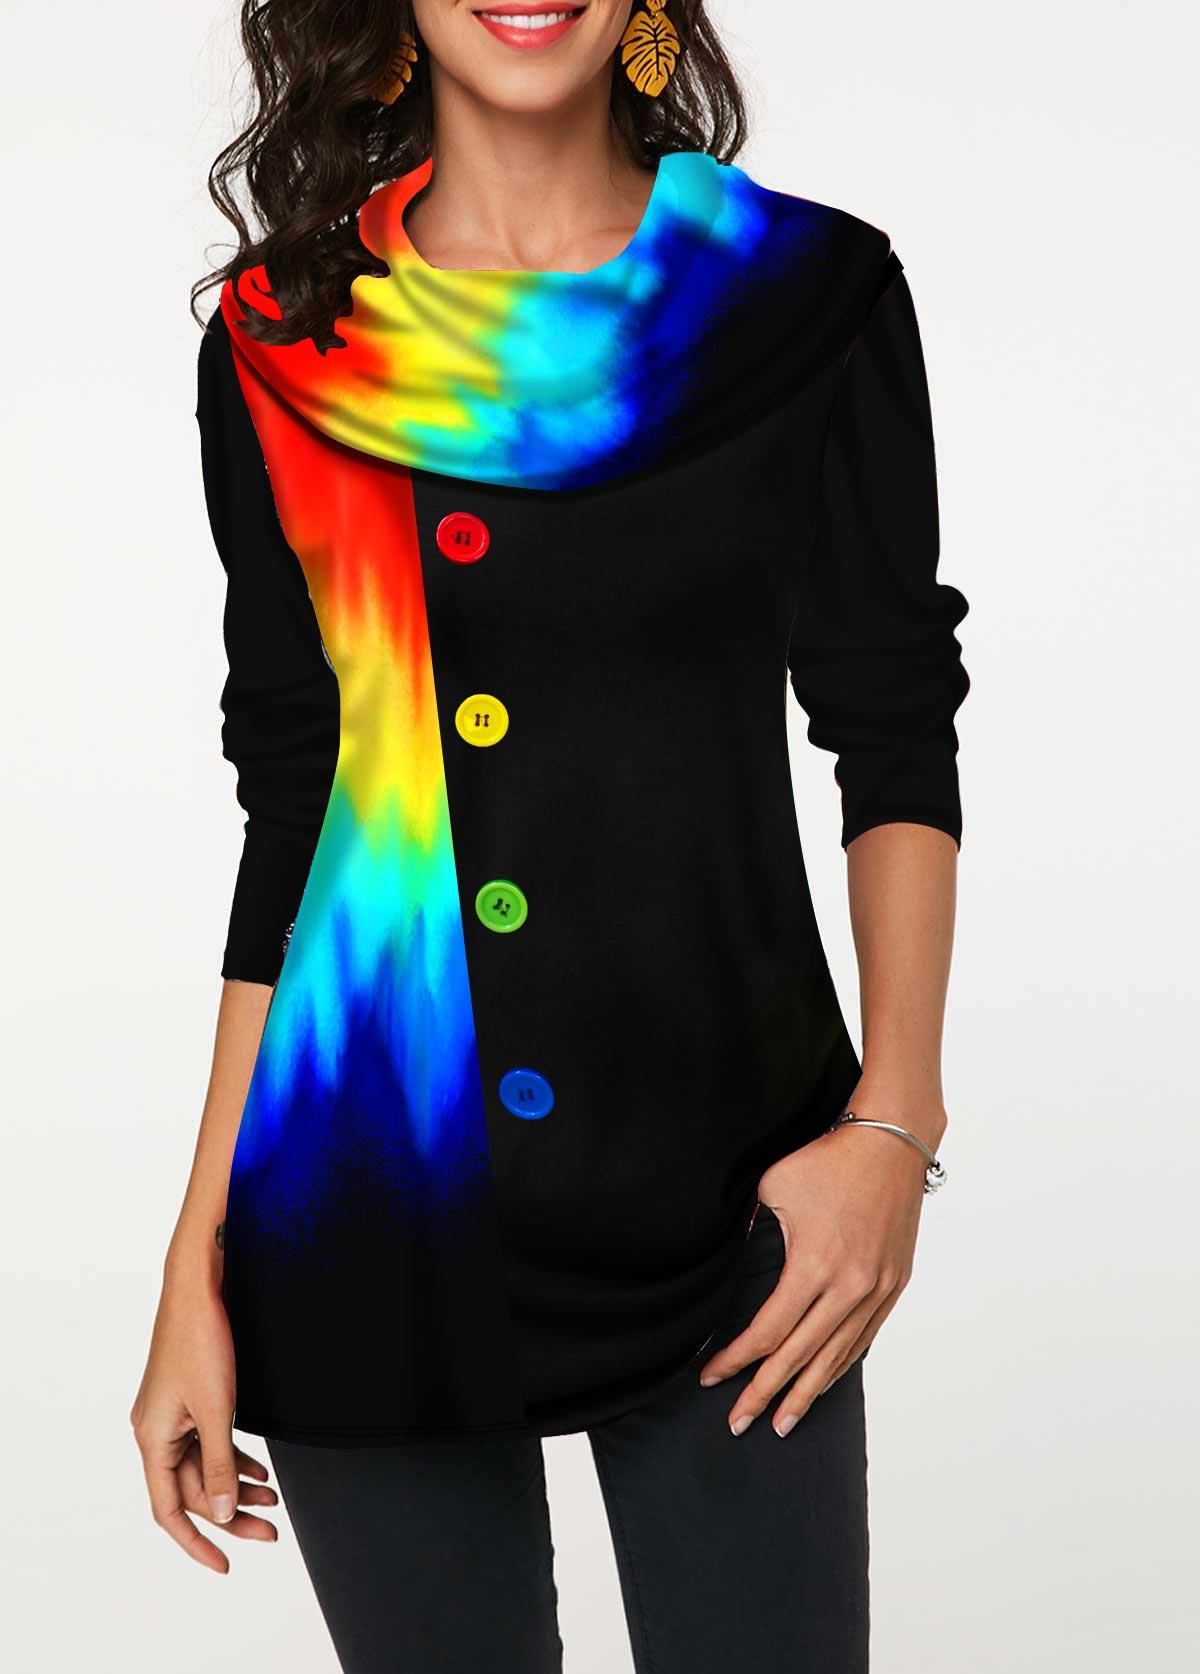 ROTITA Printed Decorative Button Colorful Tunic Top